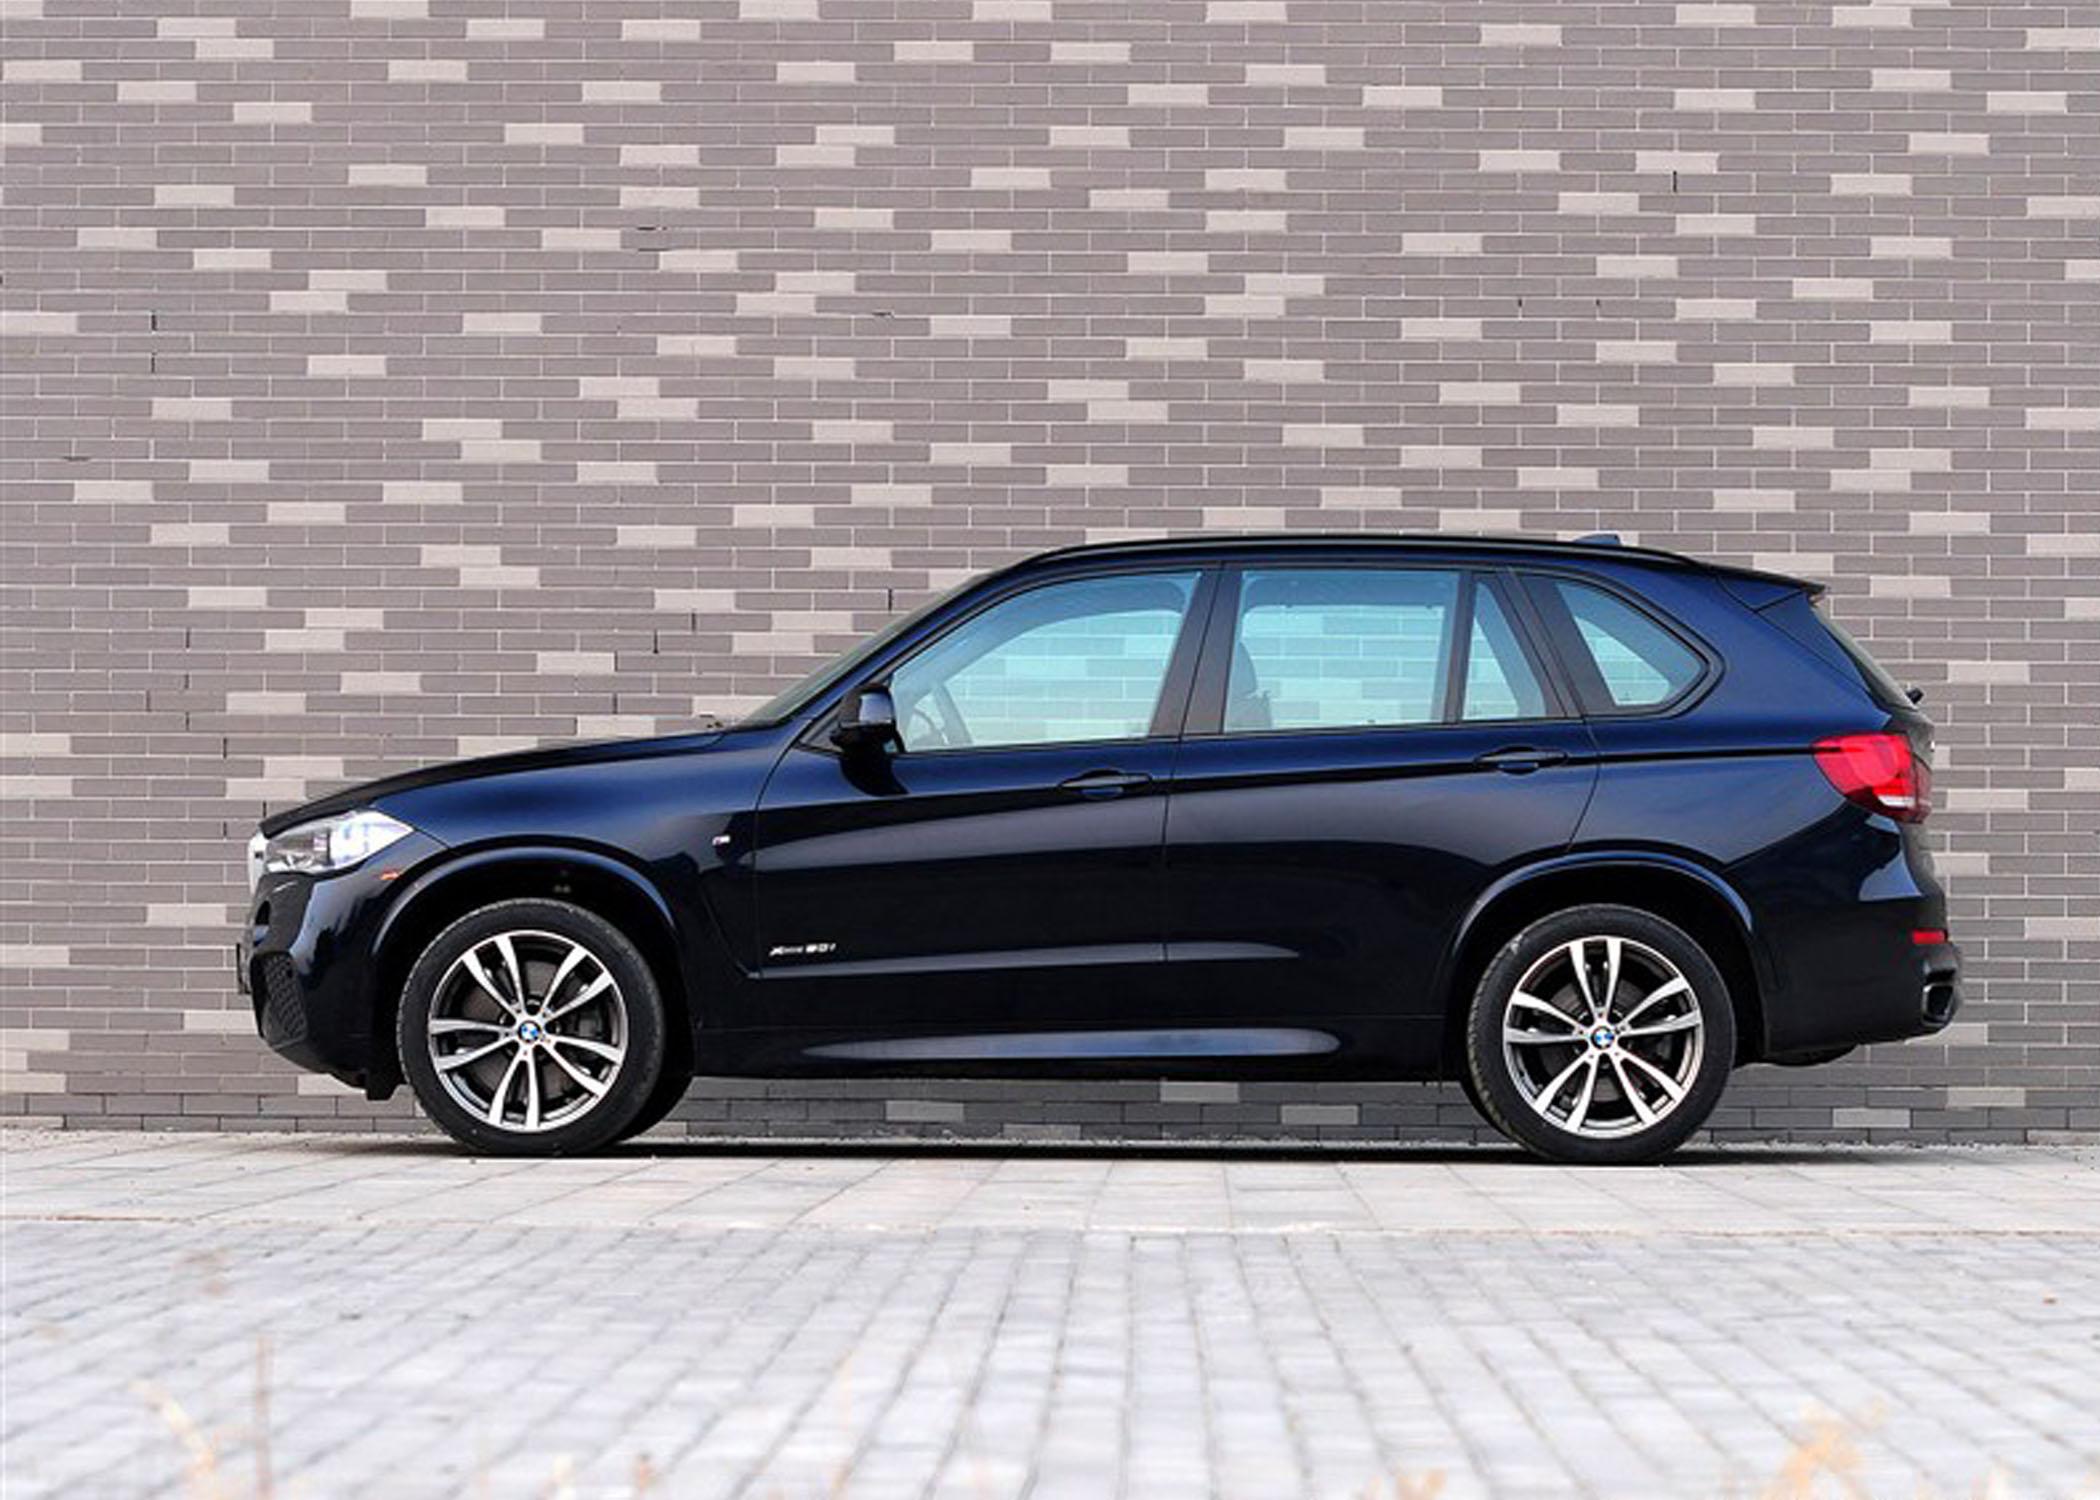 宝马x5综合优惠12万元 少量现车享低价高清图片